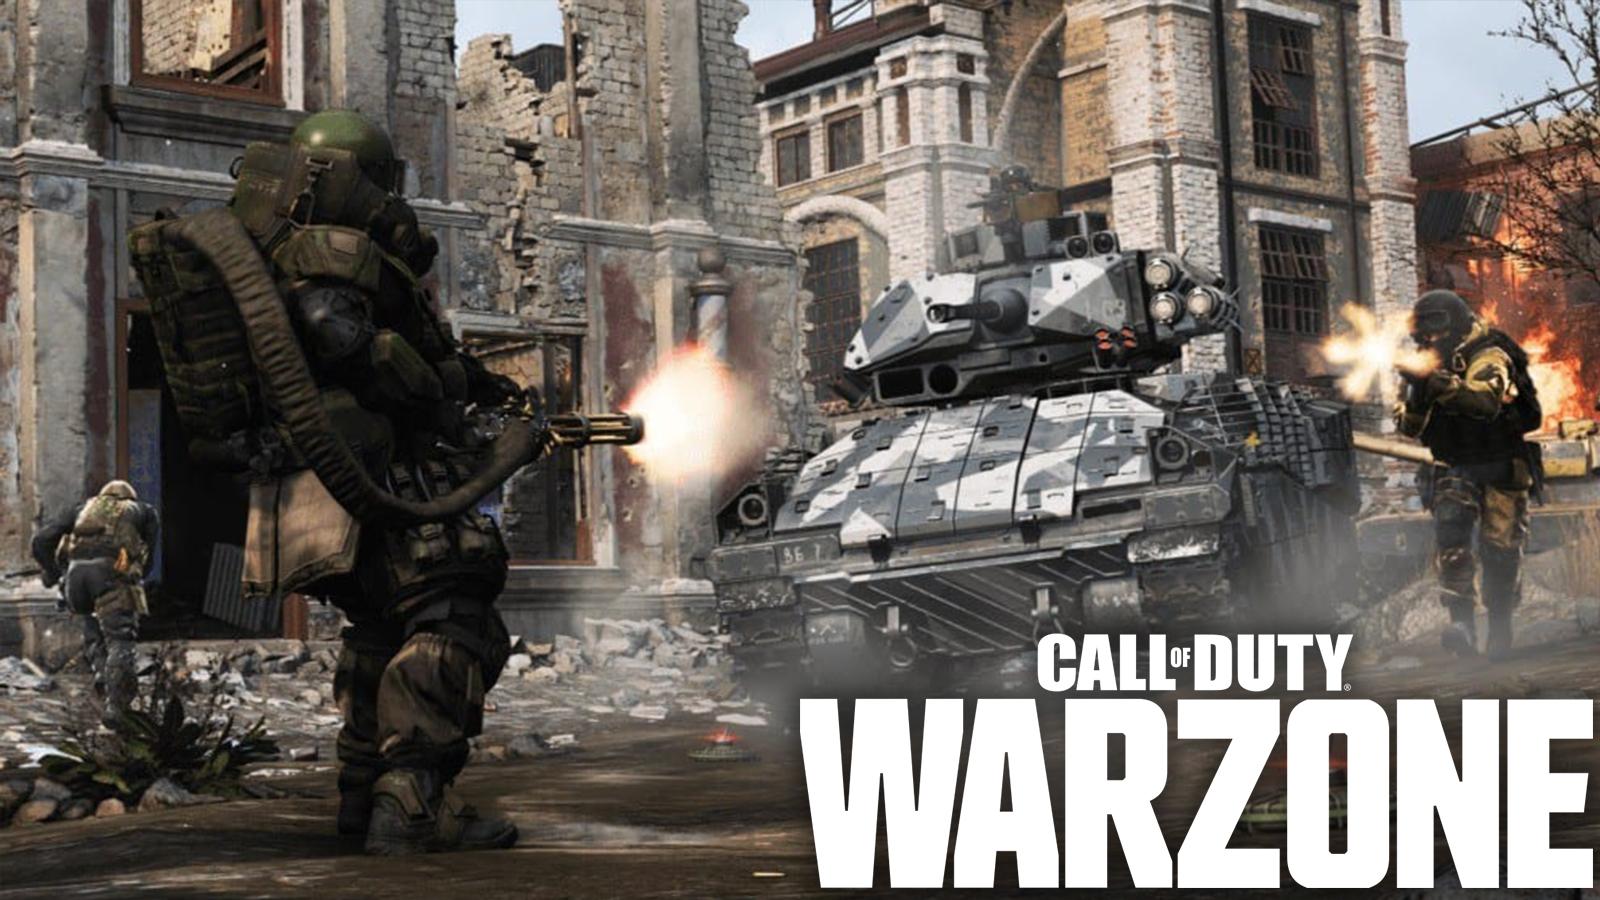 Season 5 Call of Duty Modern Warfare